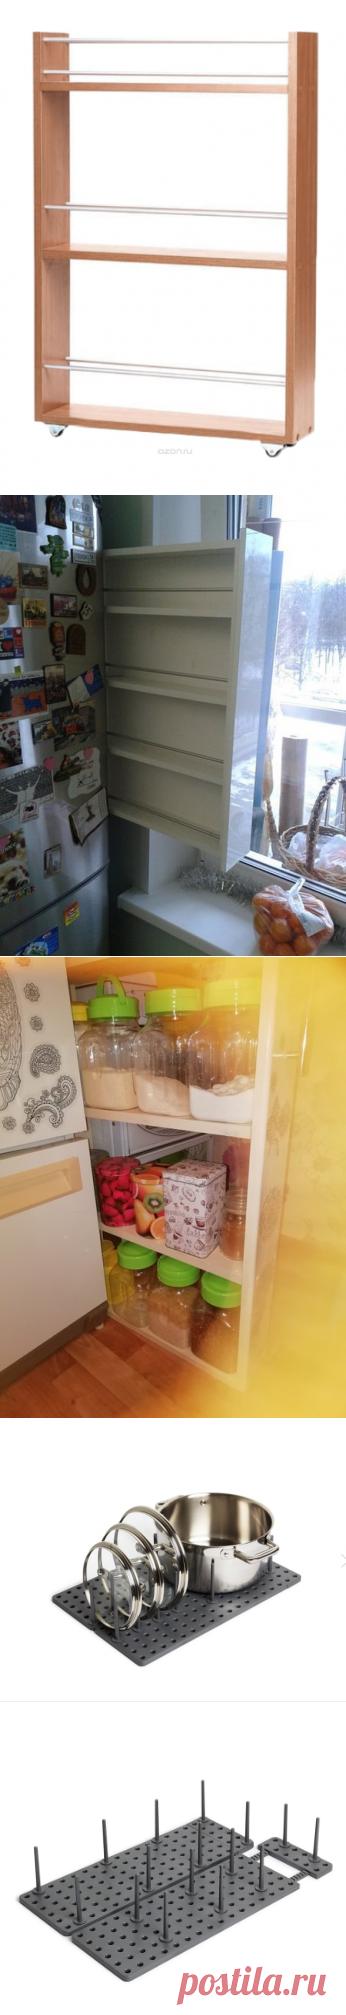 Навстречу порядку. Ещё 5 органайзеров для ликвидации бардака на кухне. Больше фото и идей найдете в блоге